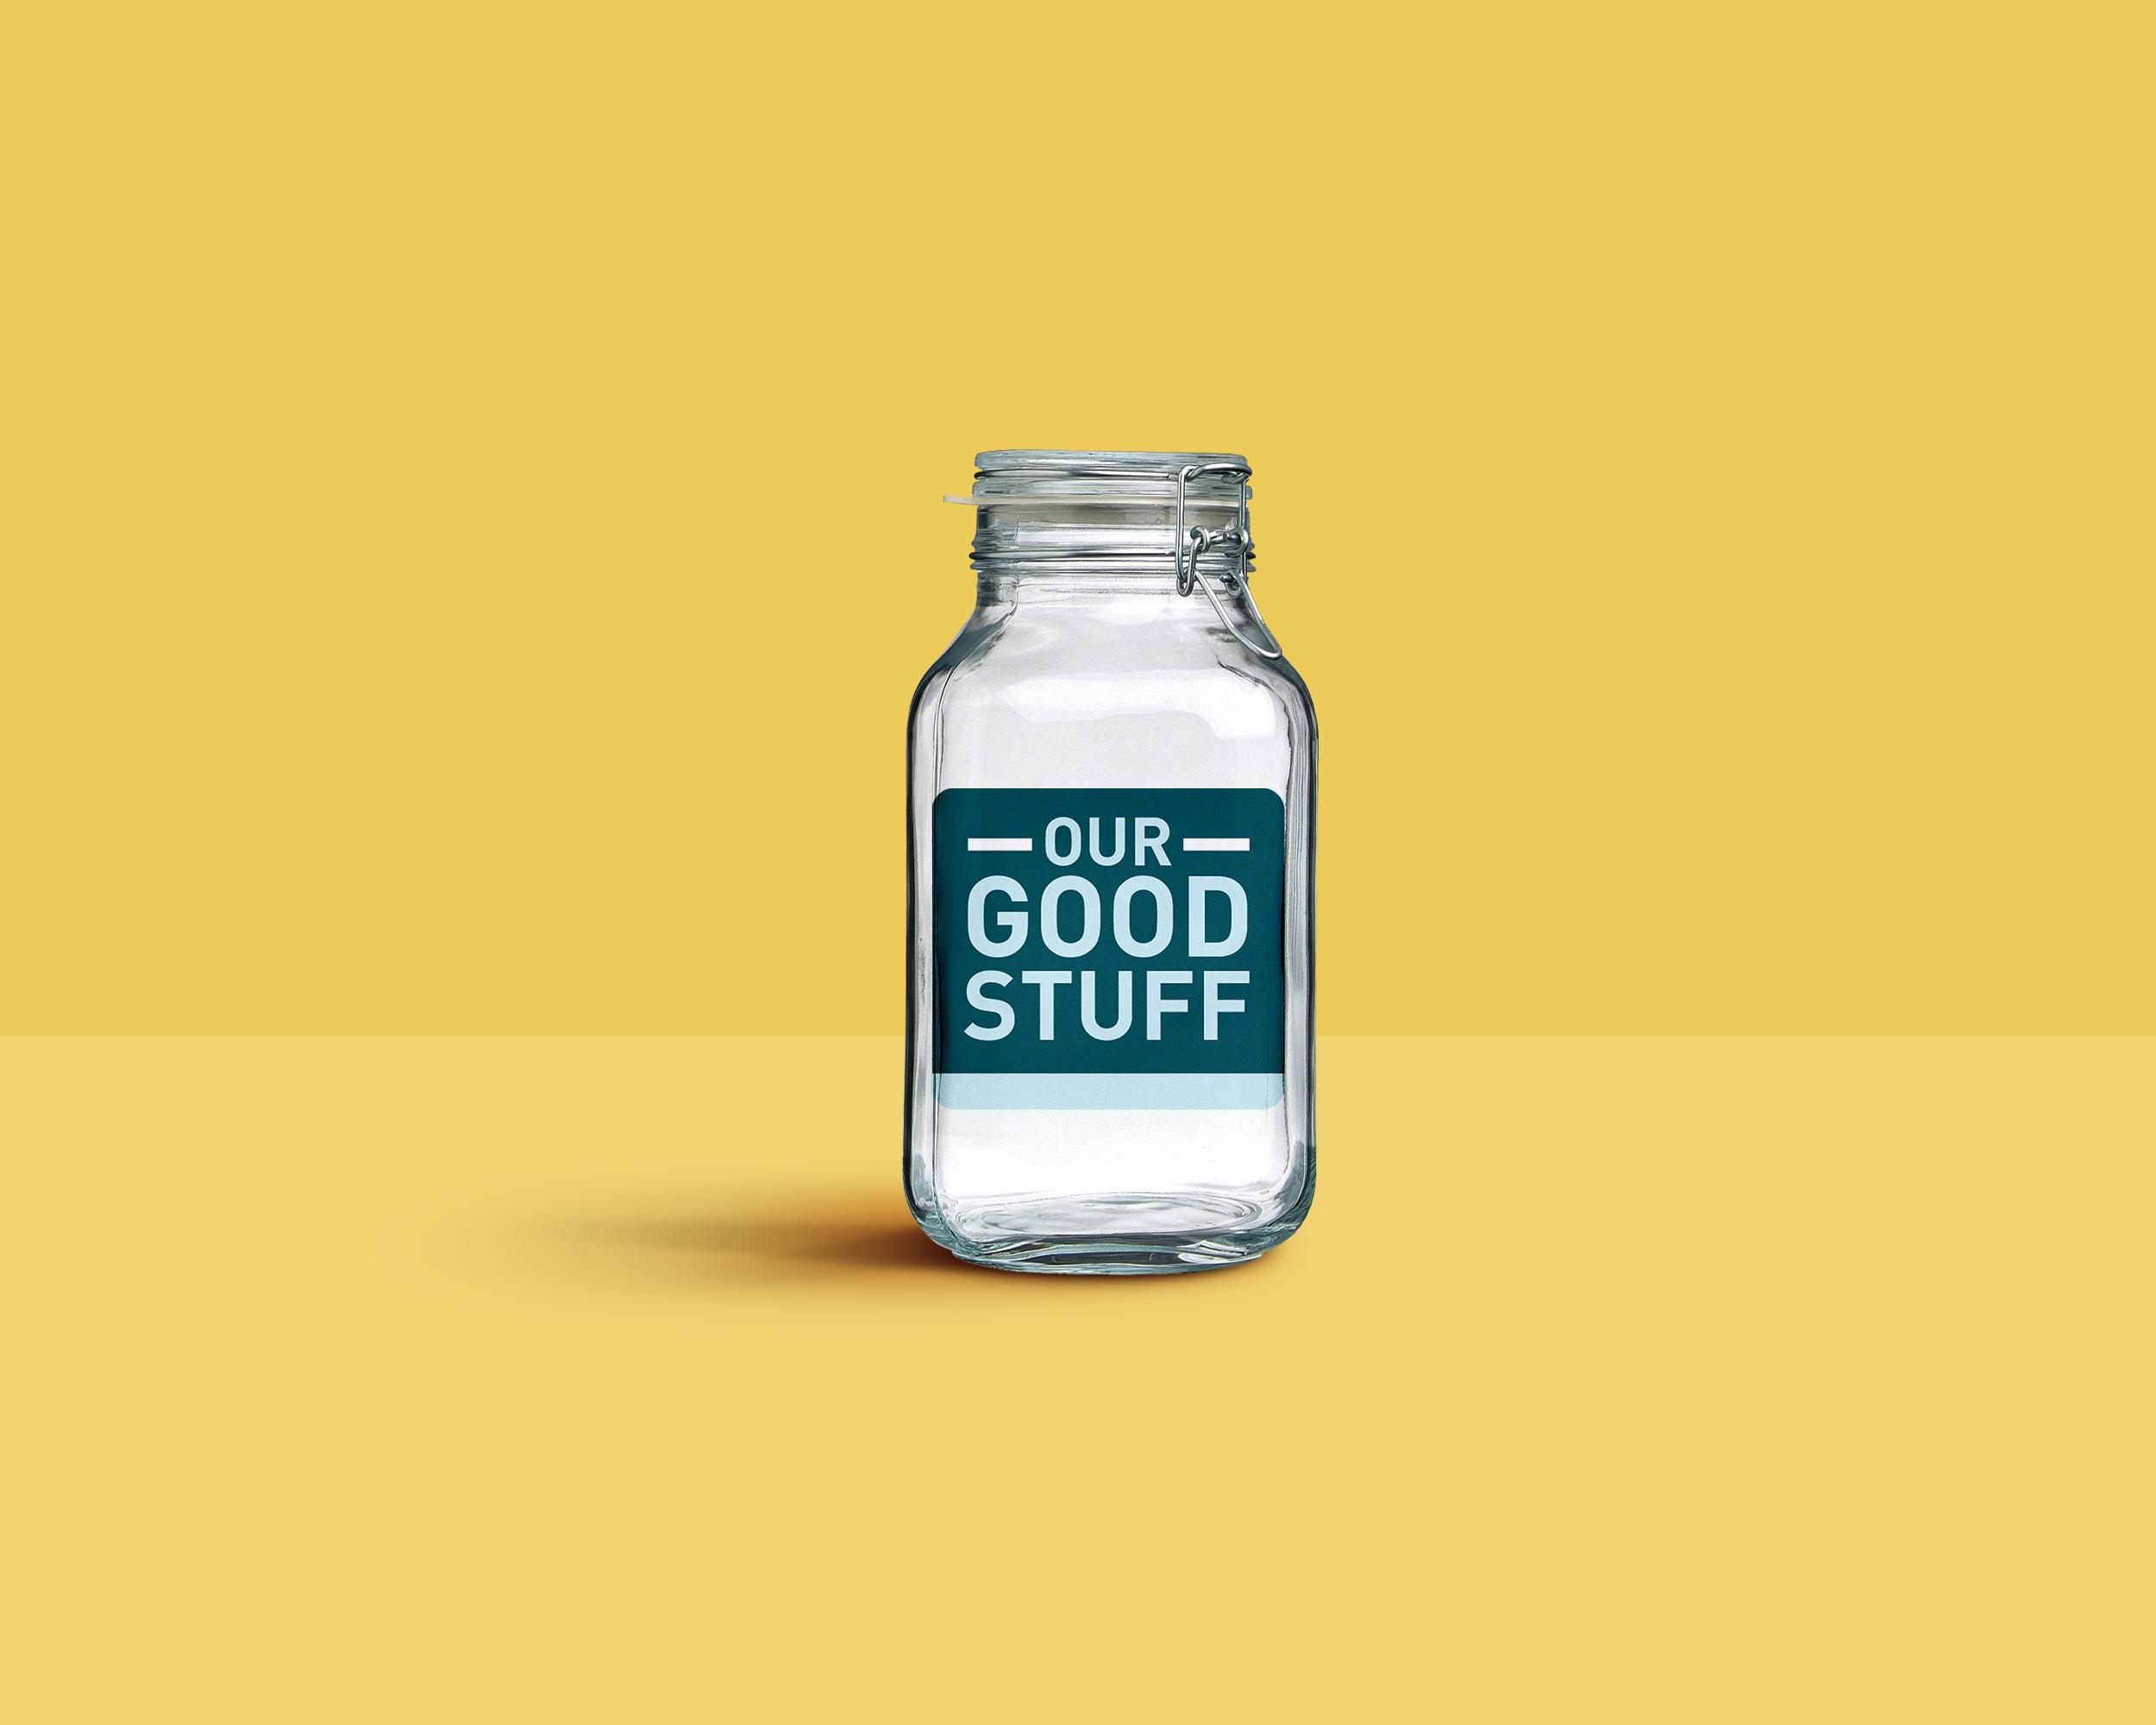 GoodStuff_Mason-Jar-Mockup.png